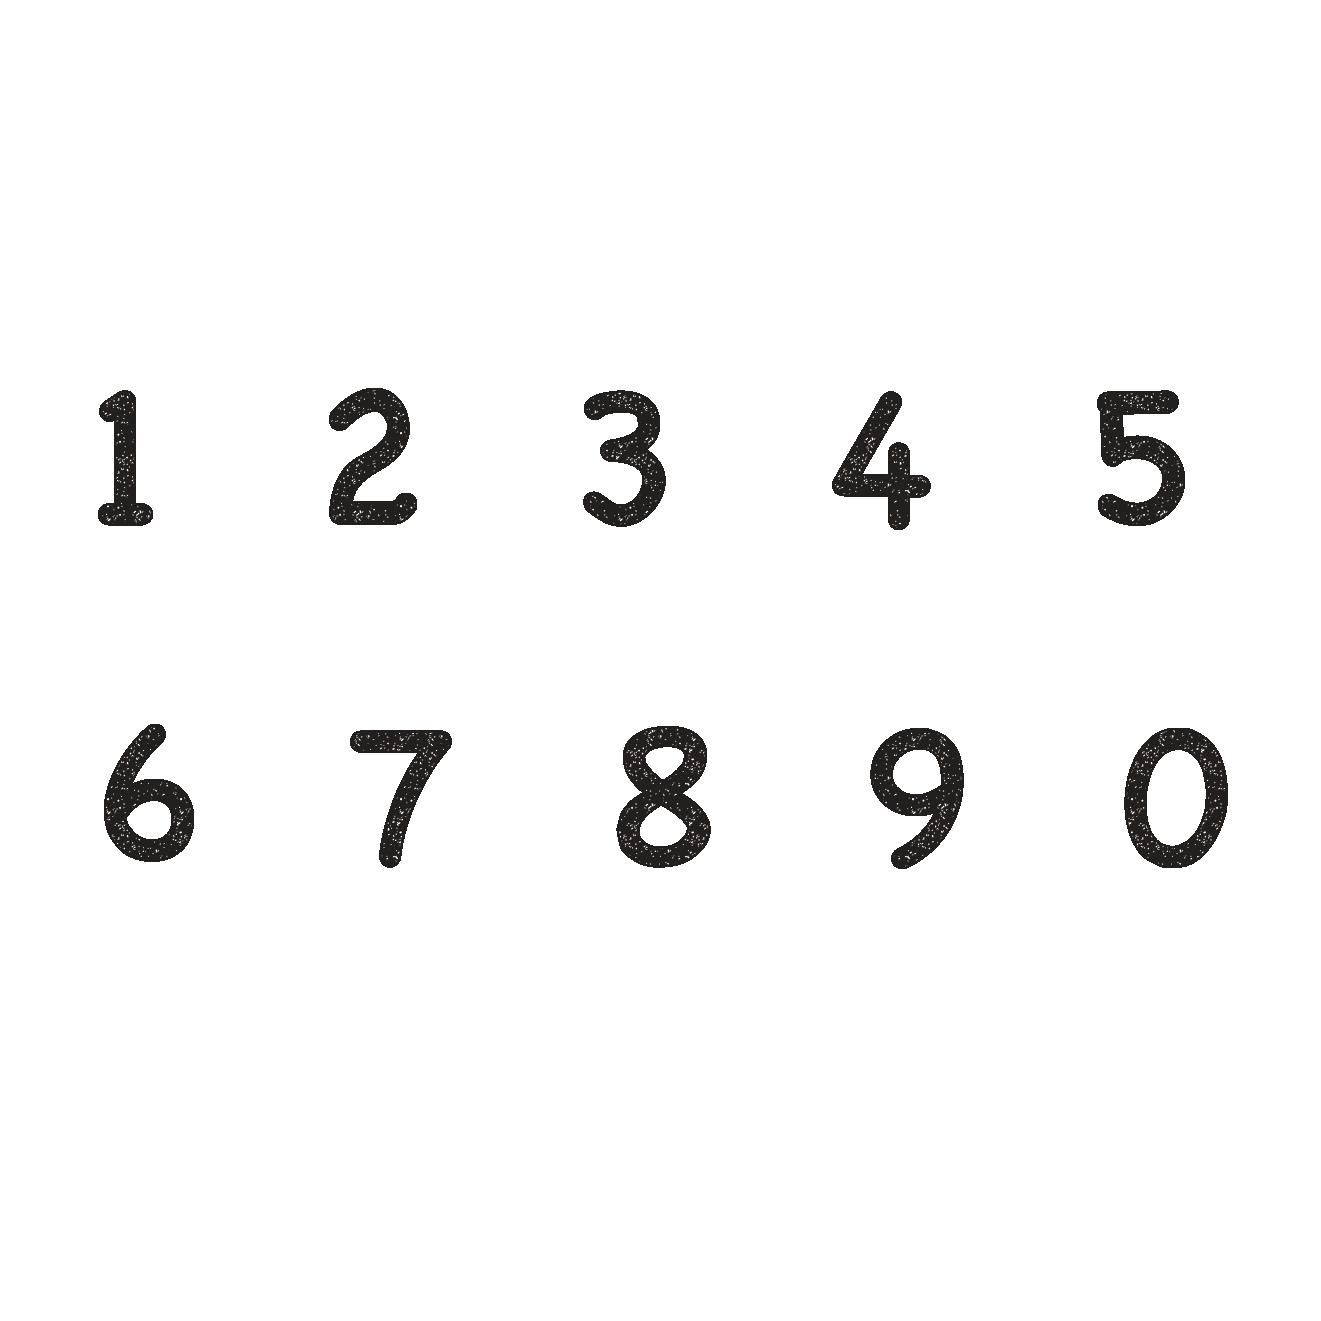 かわいい&オシャレな数字のスタンプ イラスト | 商用フリー(無料)の